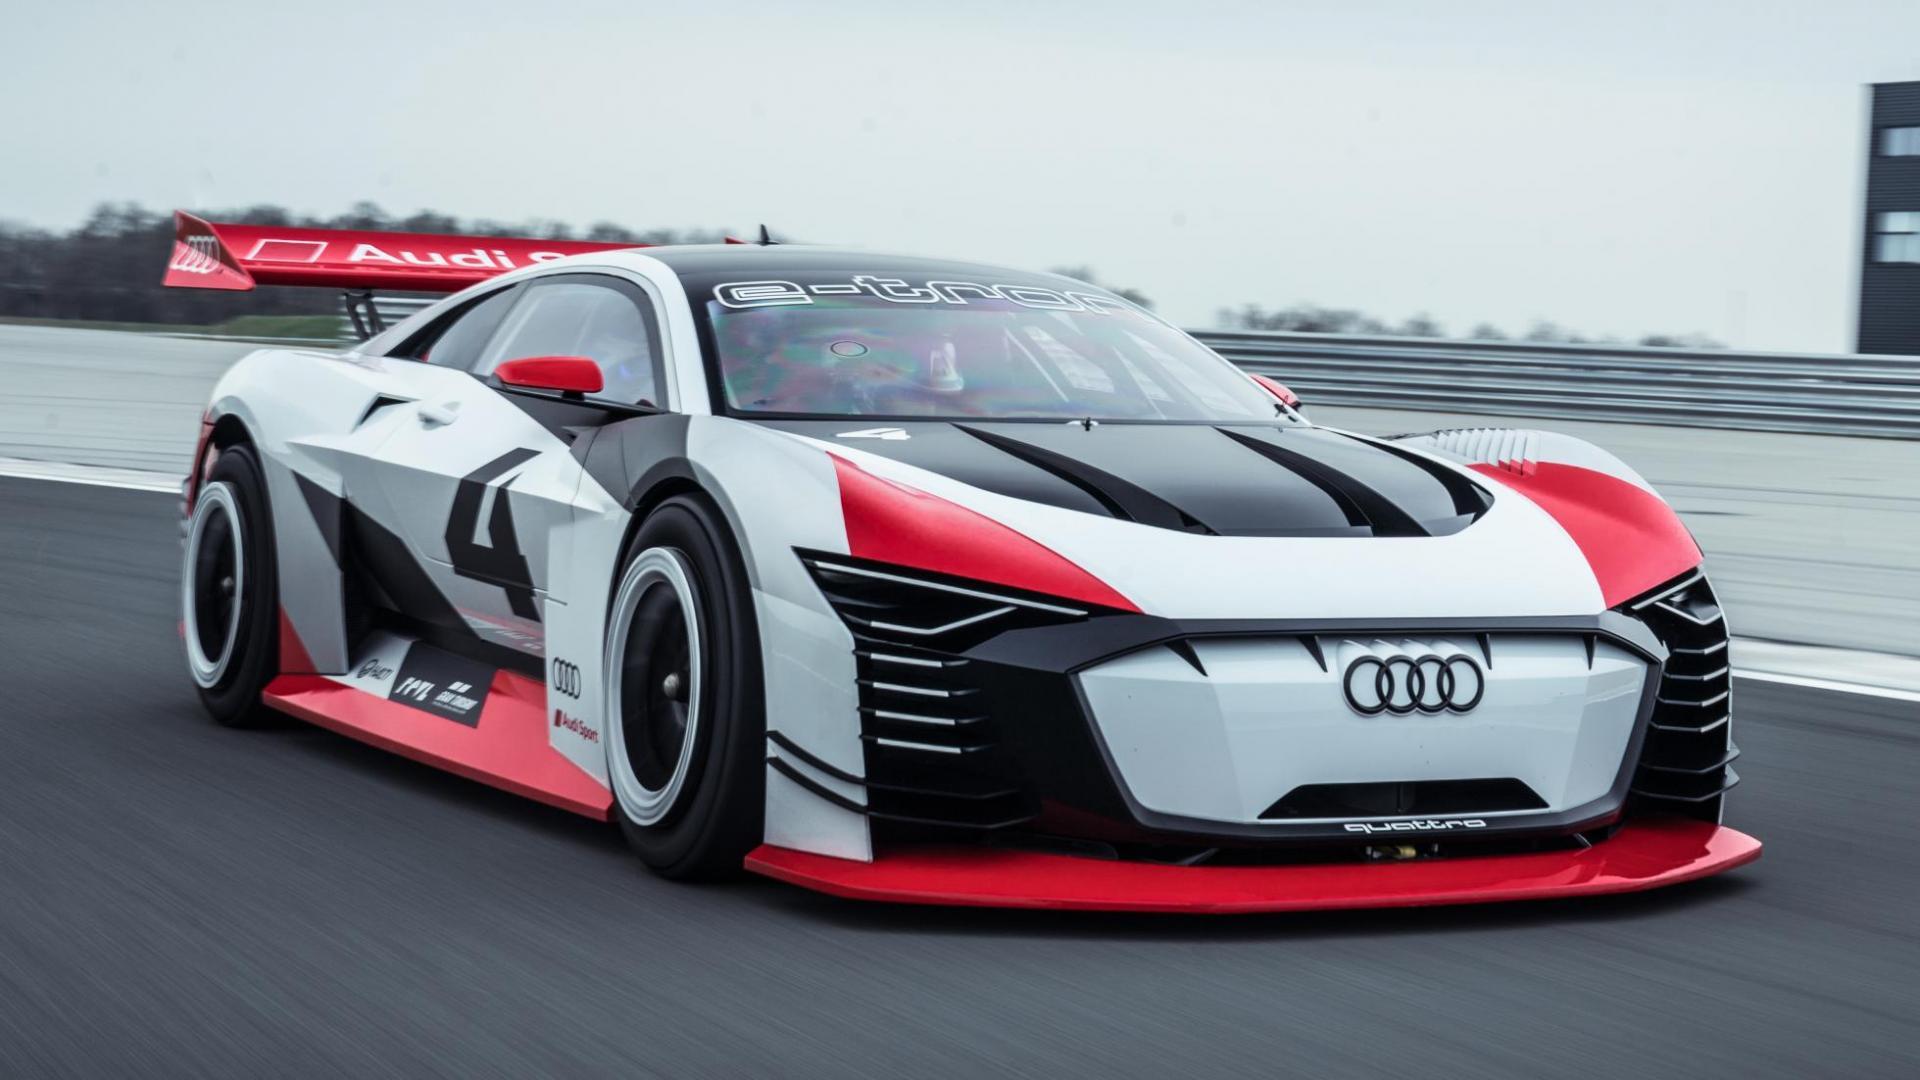 Van Car Racing Games